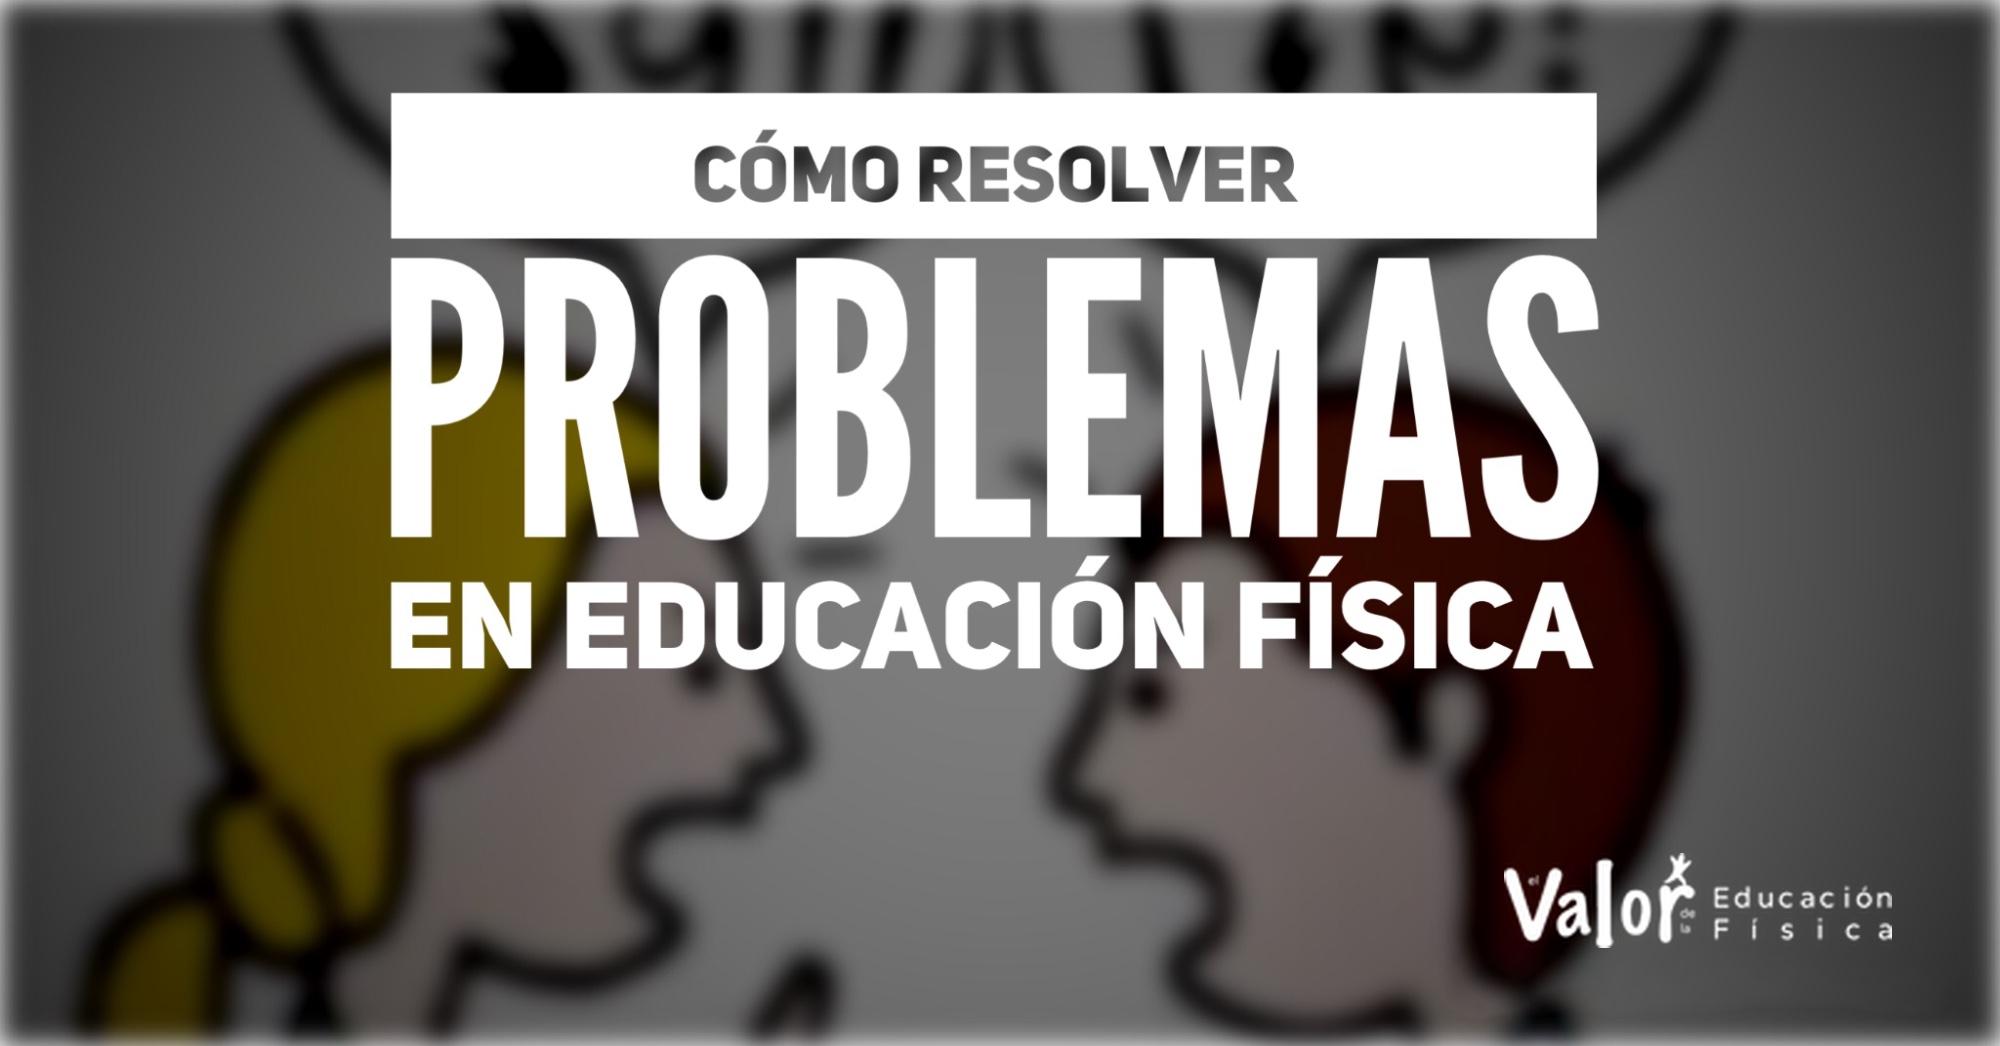 Cómo resolver problemas en Educación Física